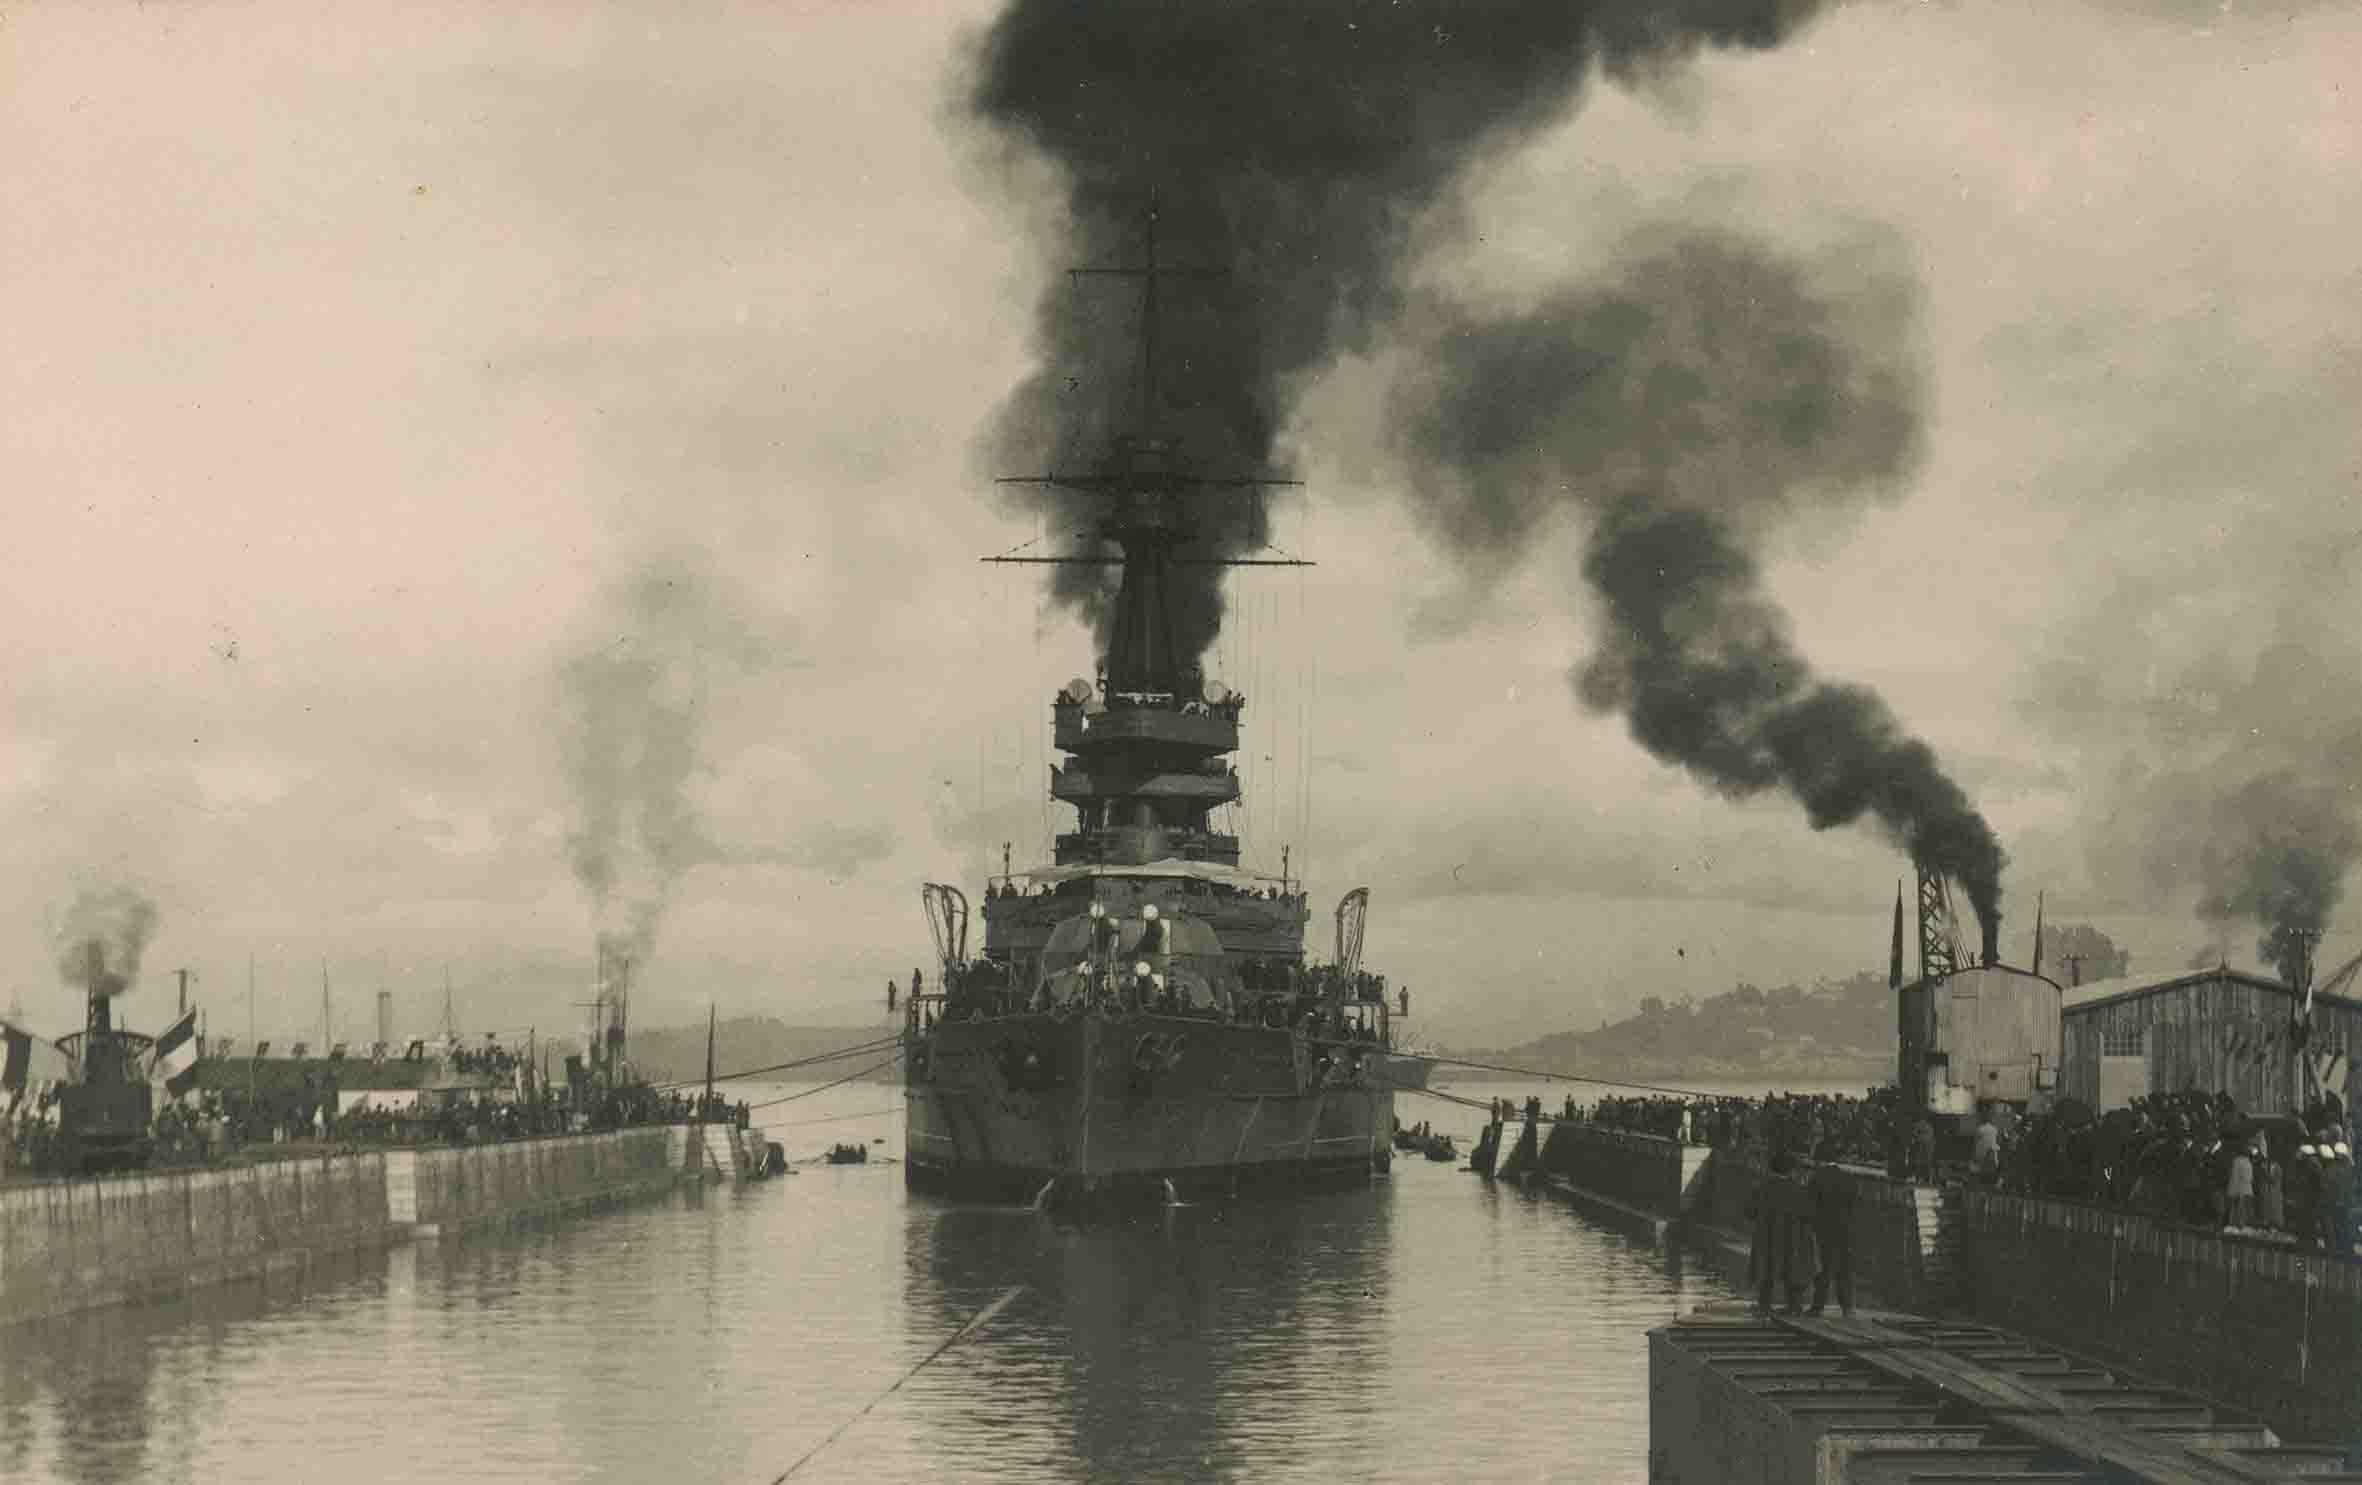 Enterreno - Fotos históricas de chile - fotos antiguas de Chile - Barco en lugar desconocido ca. 1920